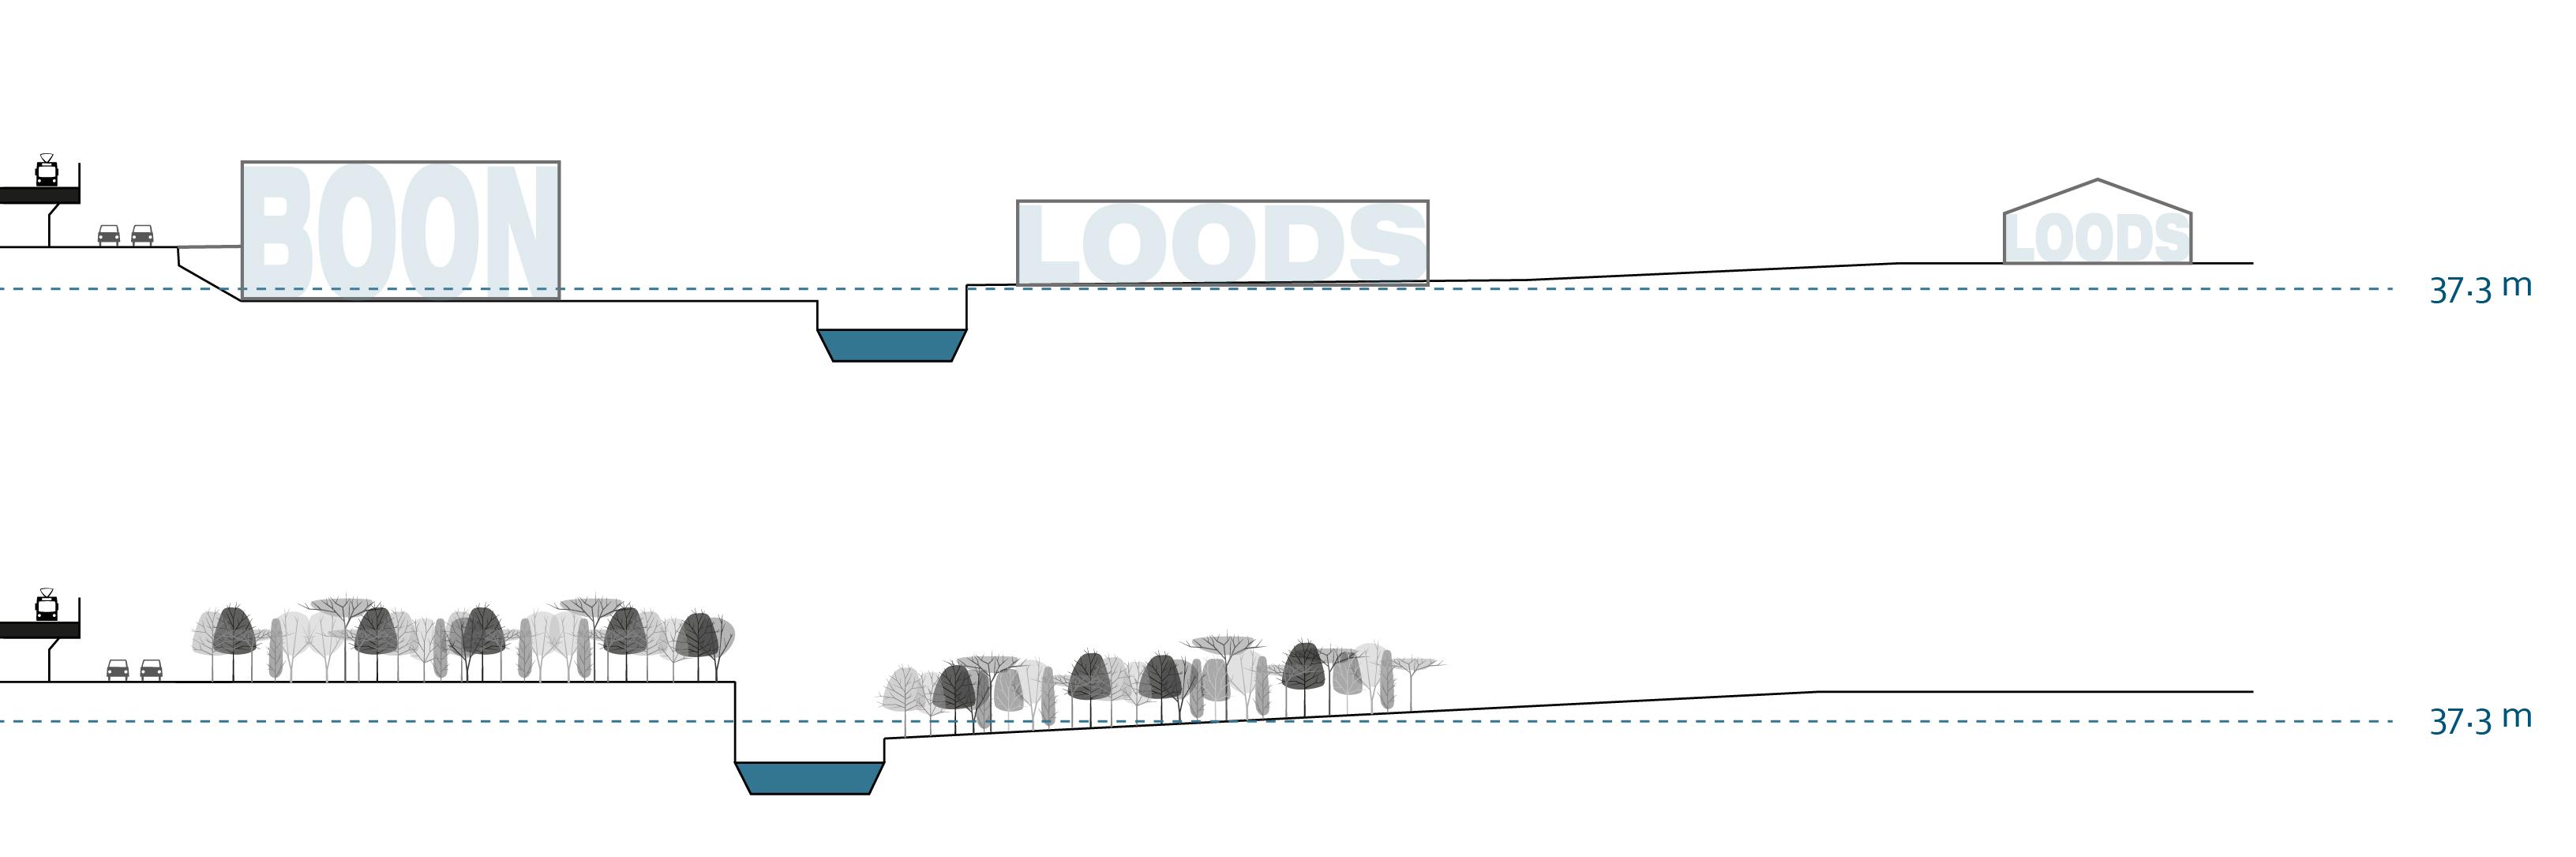 Analyse hoogtemodel_Tekengebied 1